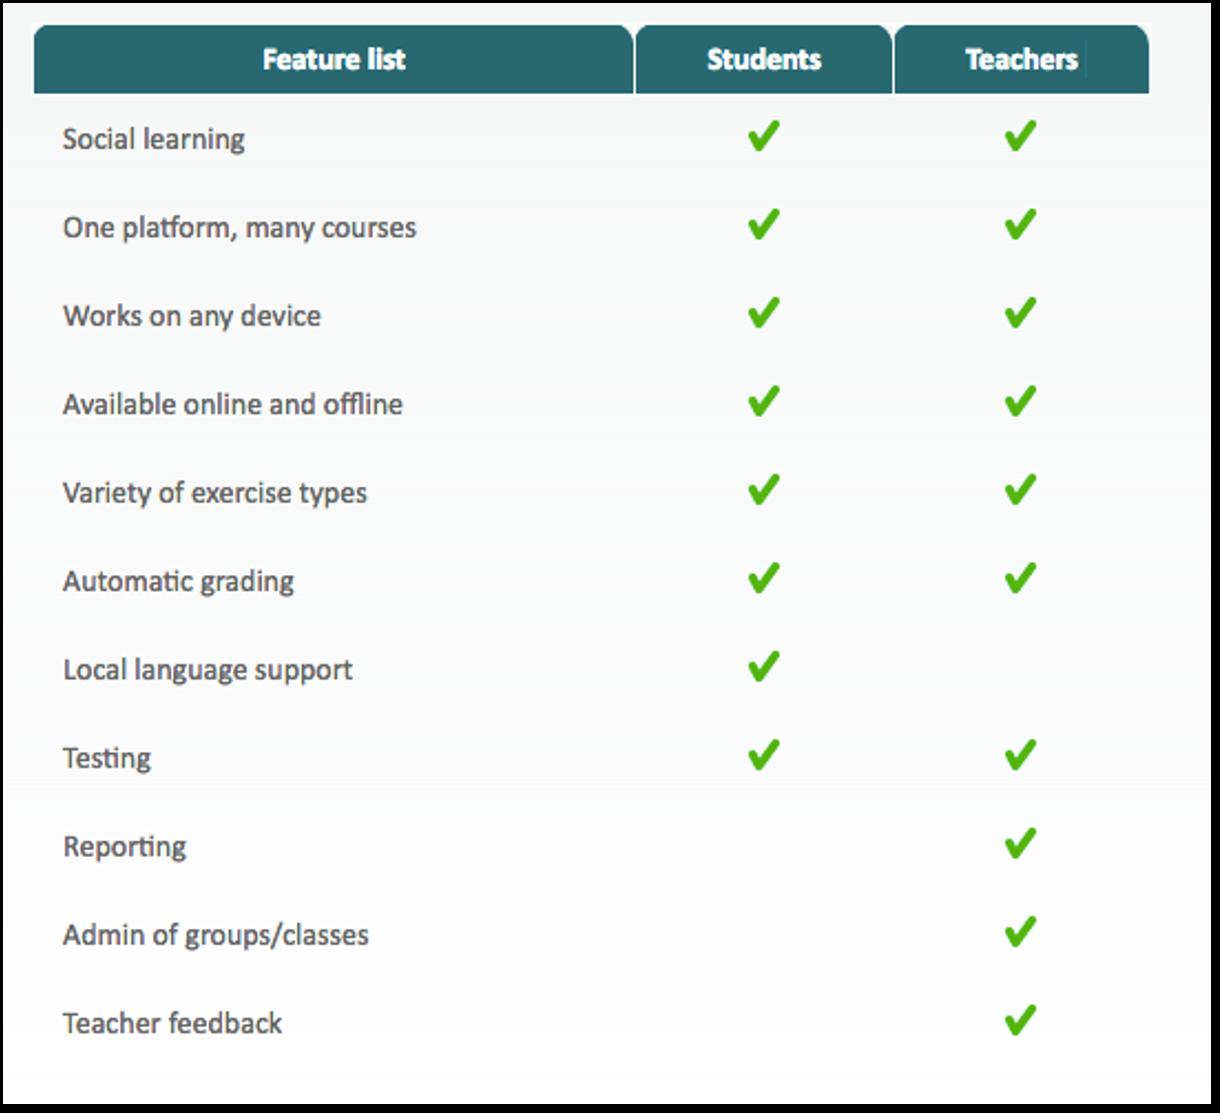 Learn Social Features List